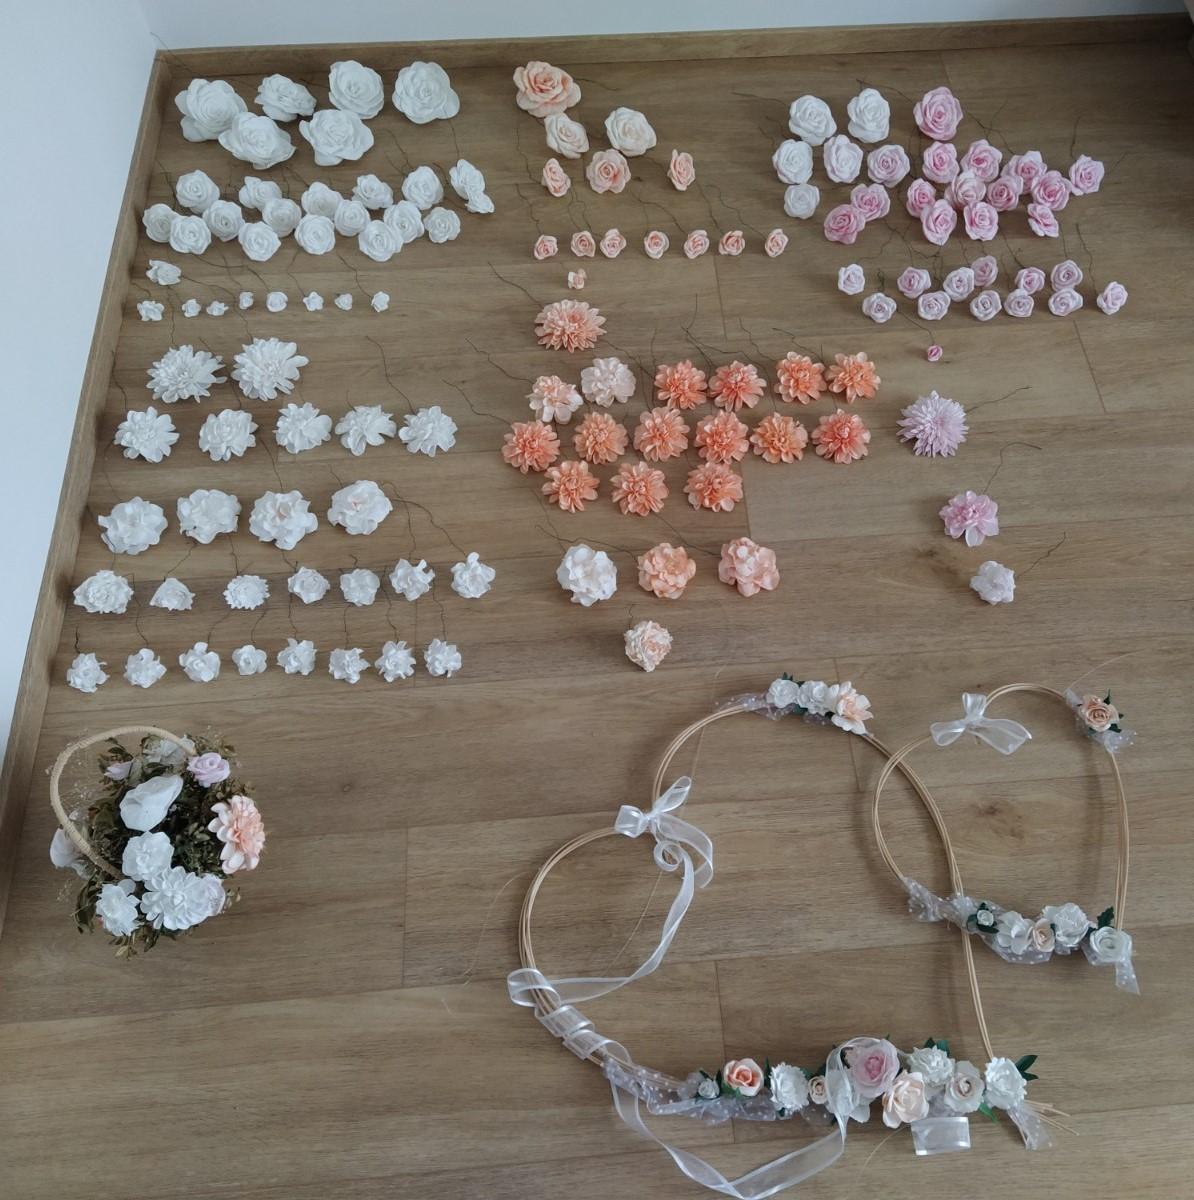 Kompletní sada svatebních dekorací s květy - Obrázek č. 1